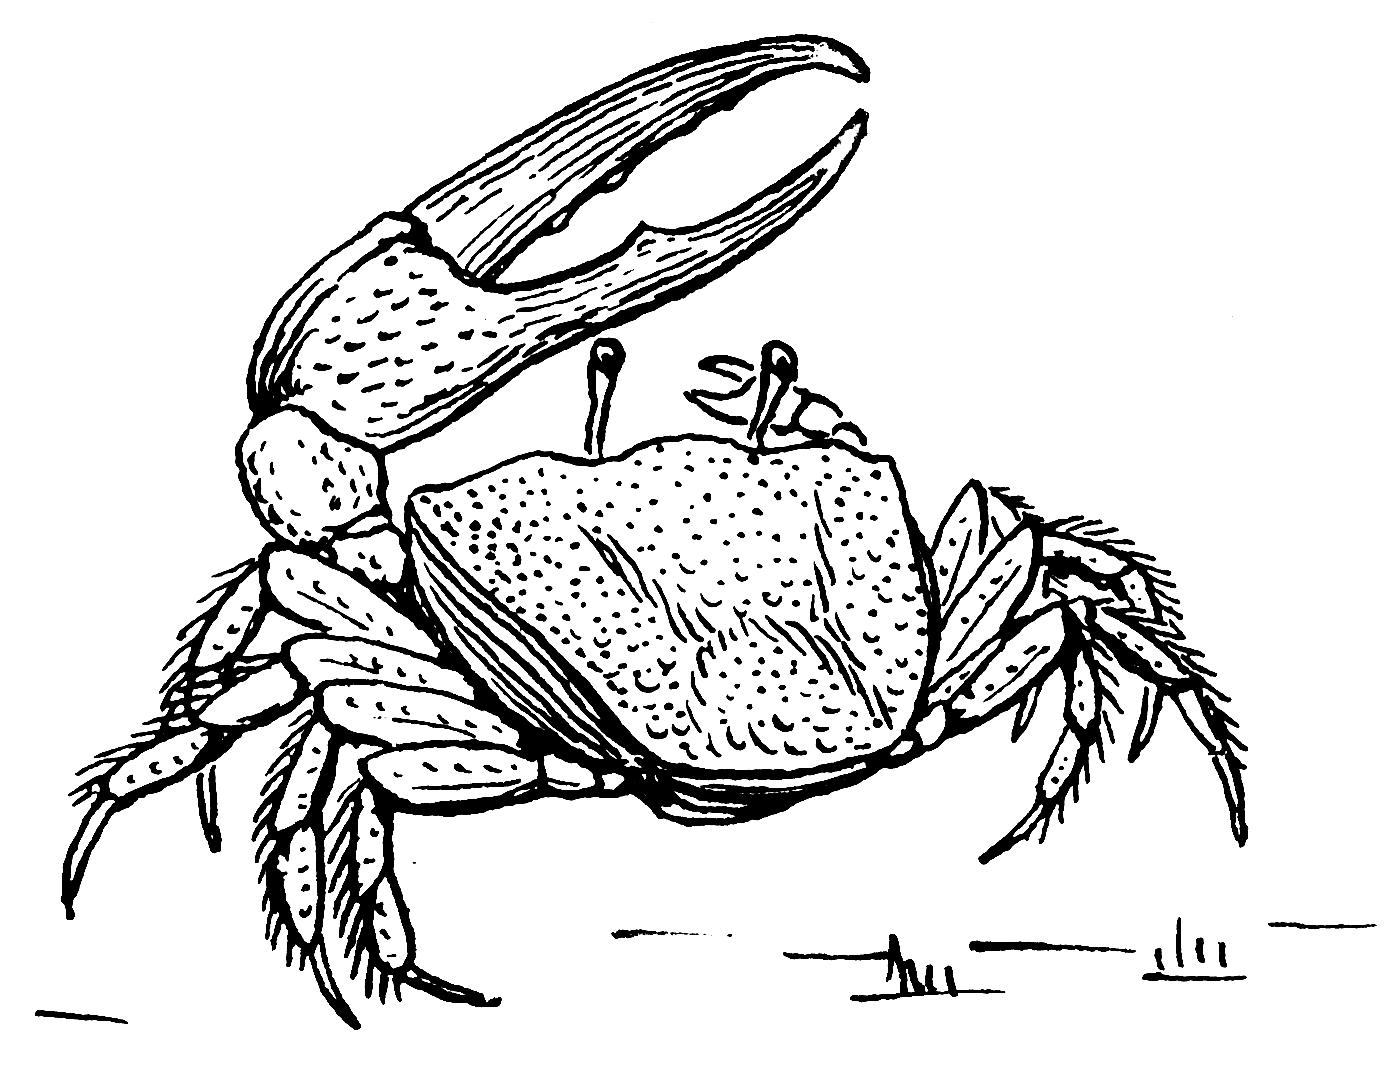 Fiddler Crab Drawing File:fiddler Crab Psf).png